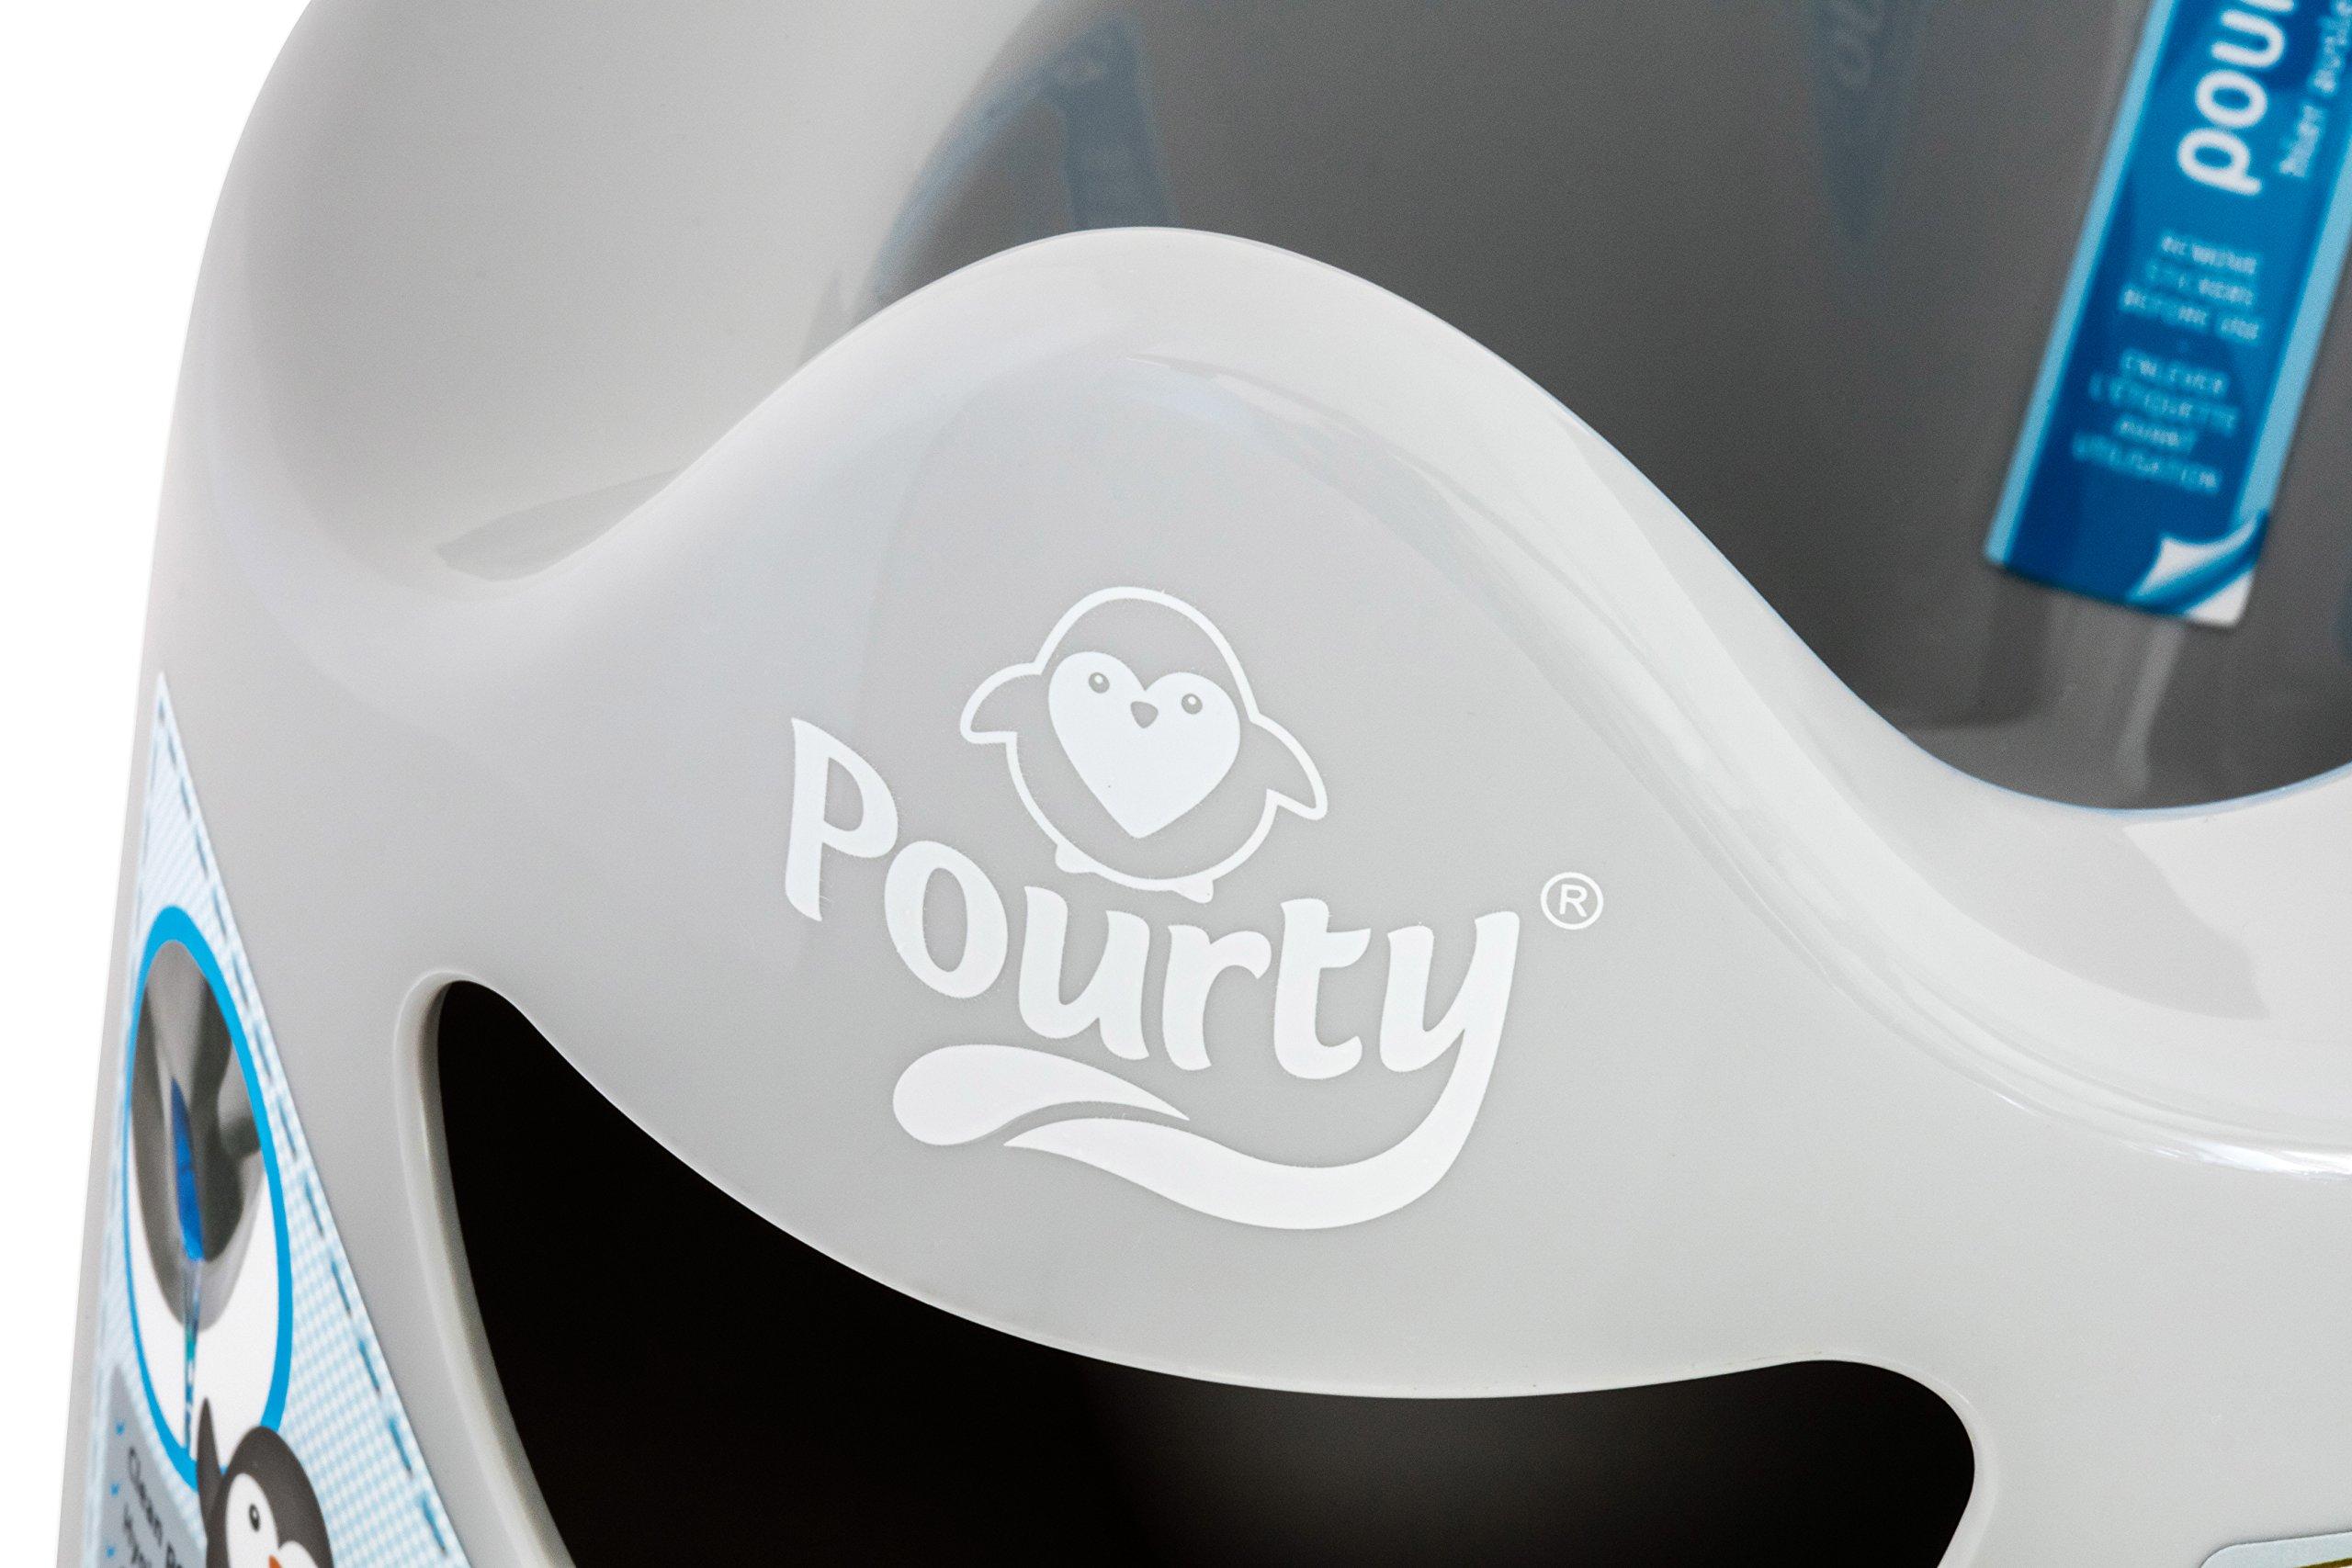 Pourty Easy-to-Pour Potty (Penguin Grey)